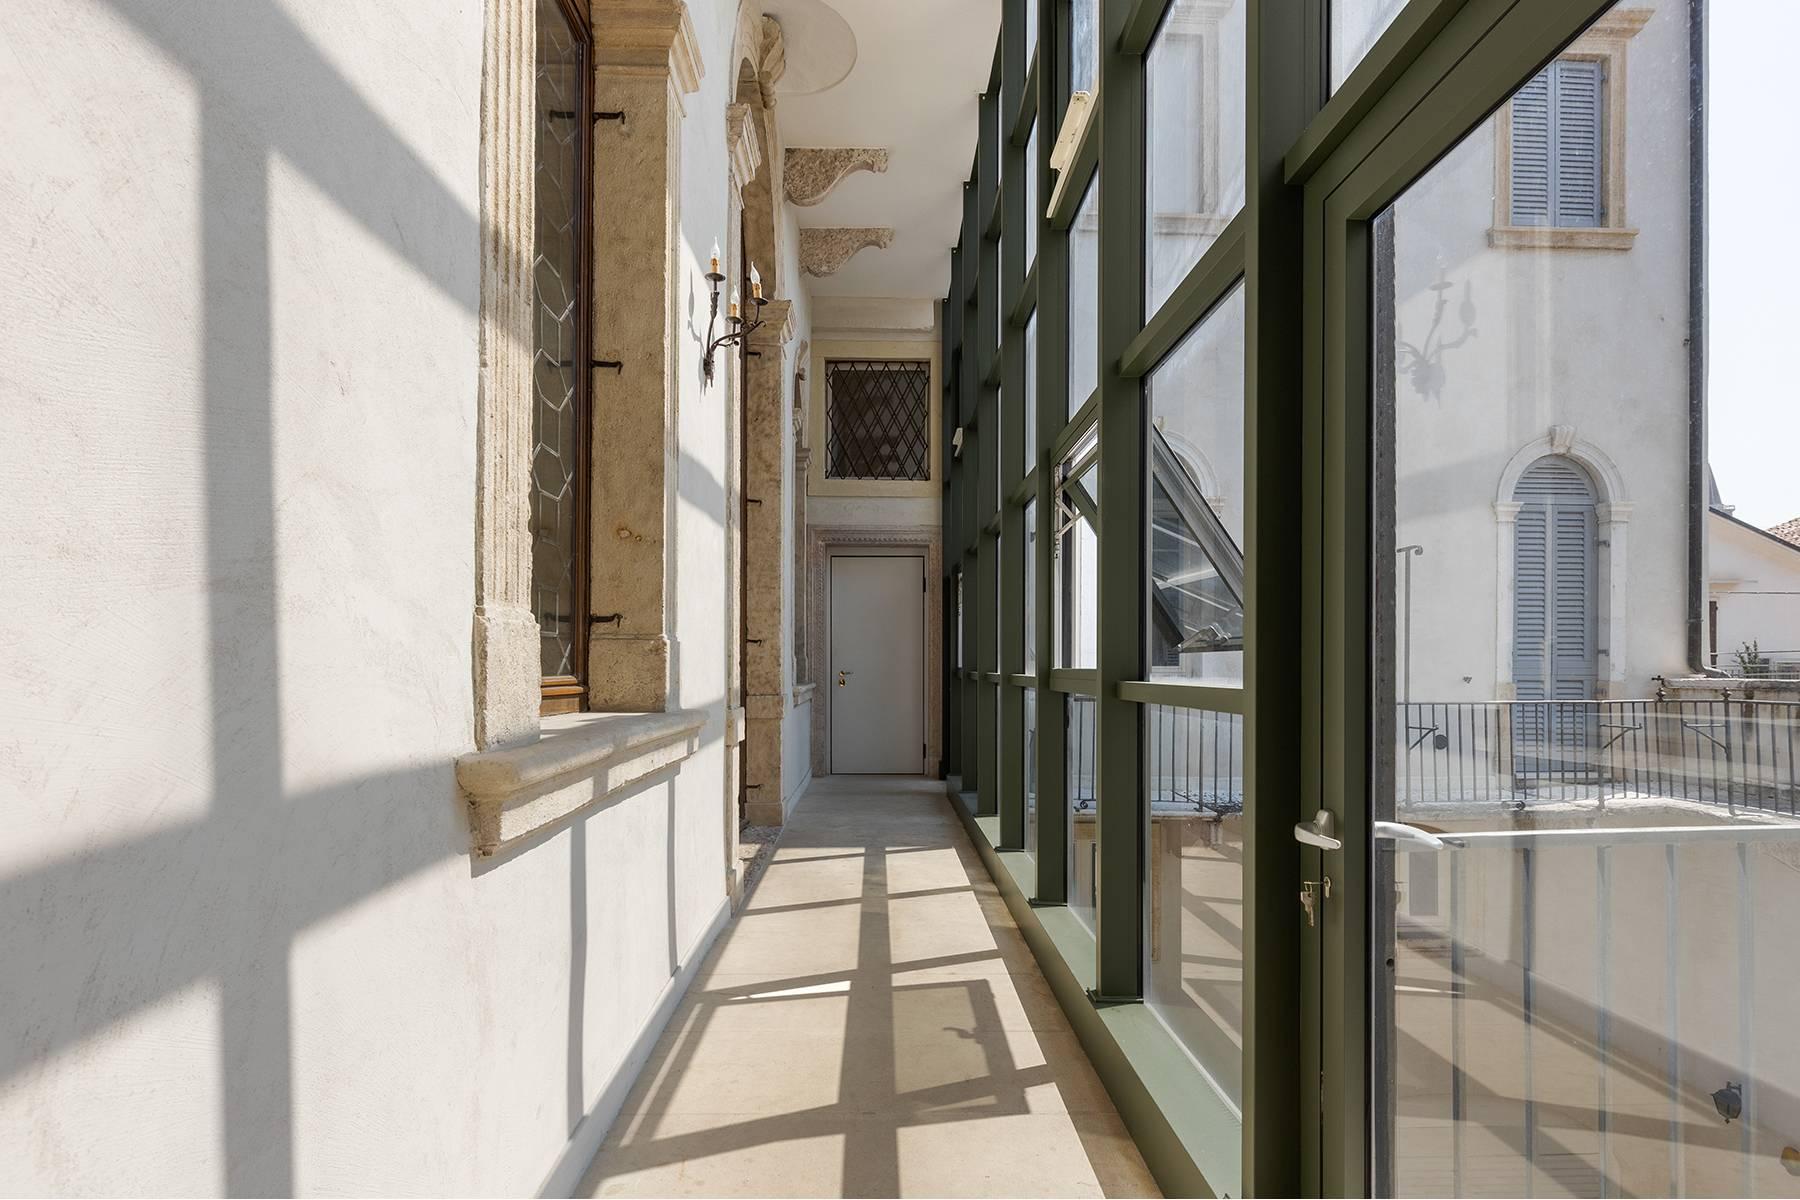 Ufficio-studio in Vendita a Verona: 5 locali, 615 mq - Foto 17